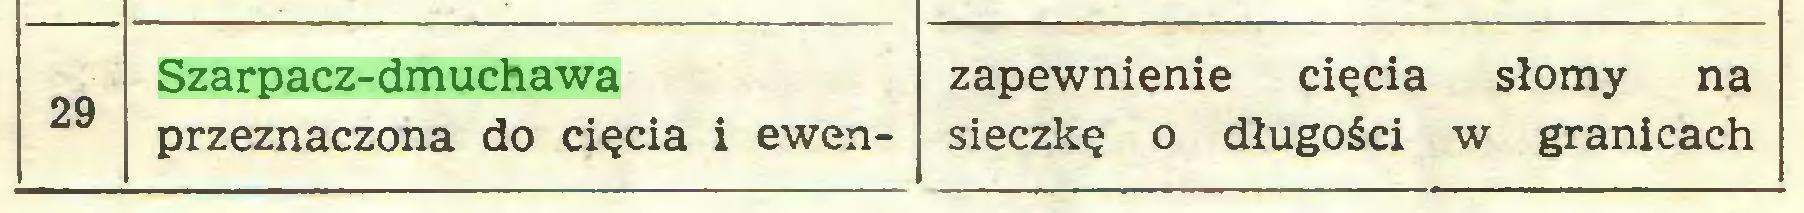 (...) 29 Szarpacz-dmuchawa przeznaczona do cięcia i ewen- zapewnienie cięcia słomy na sieczkę o długości w granicach...